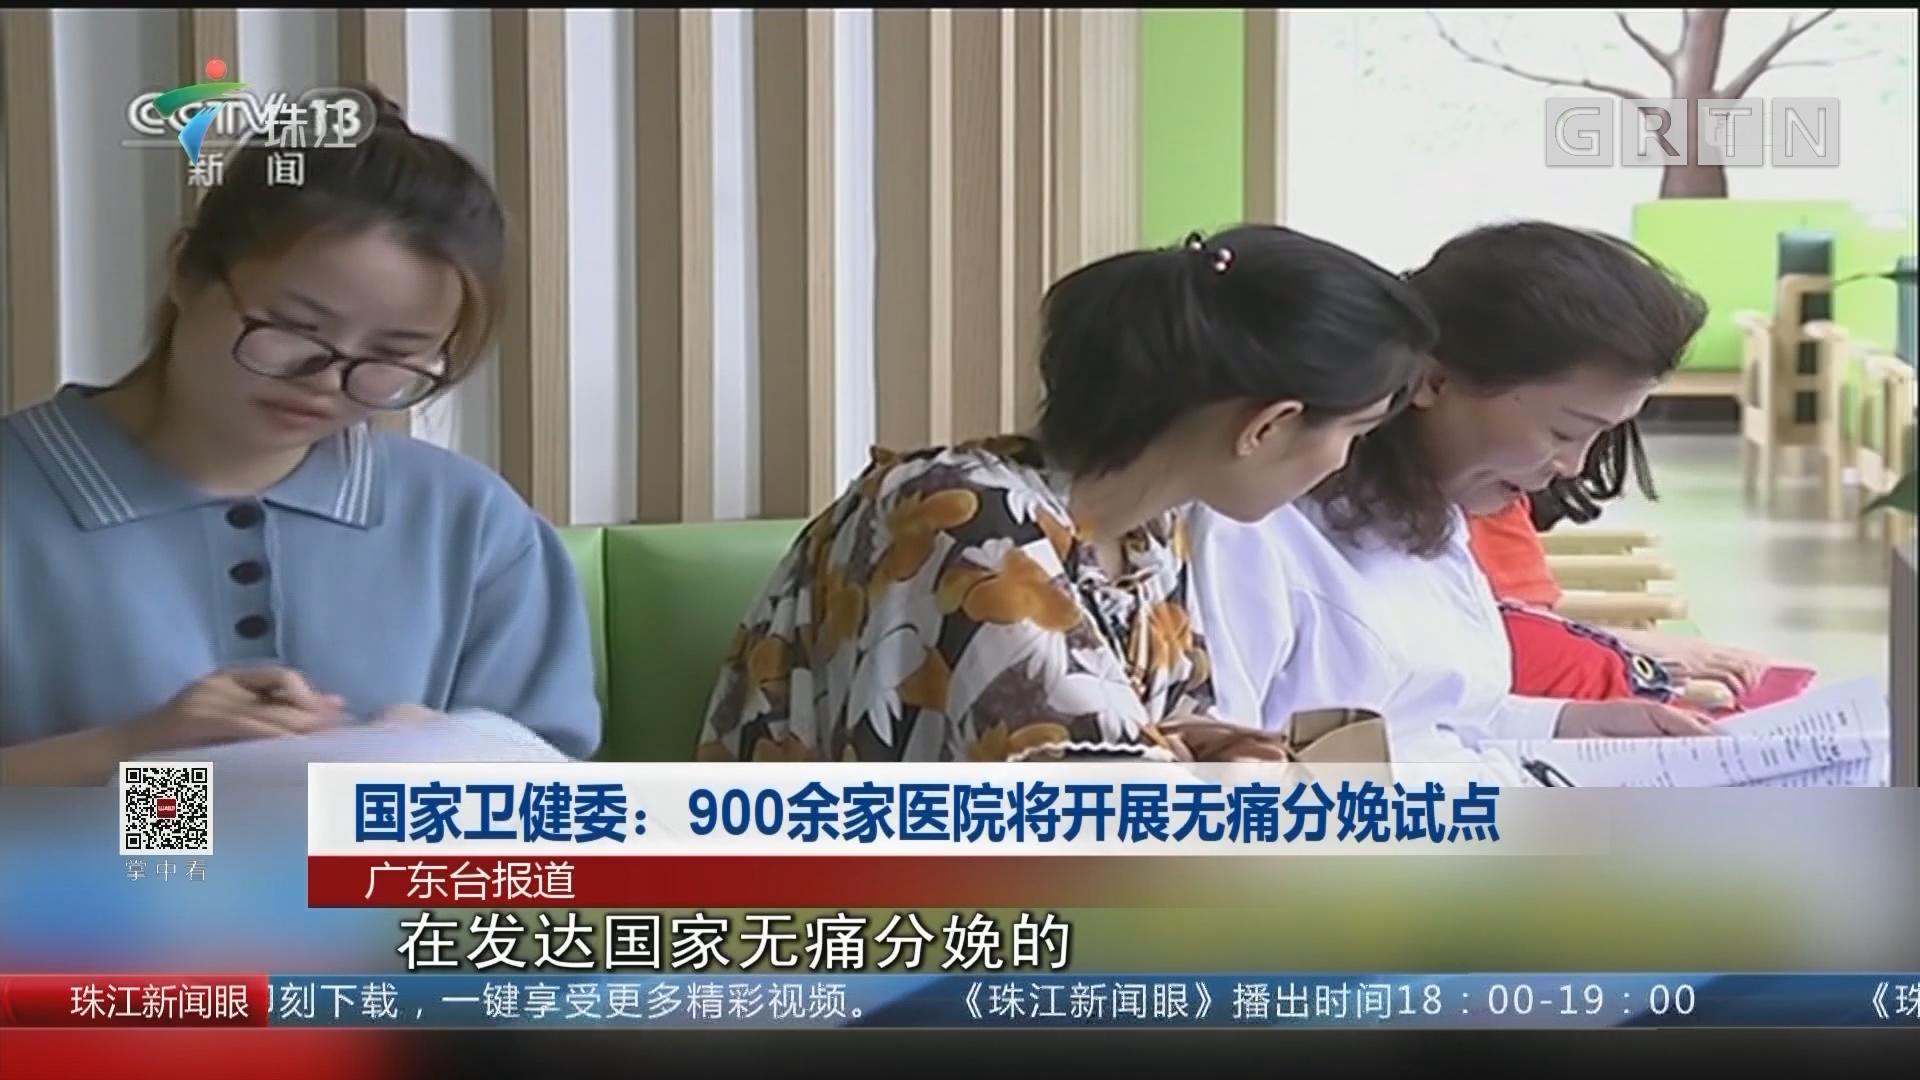 国家卫健委:900余家医院将开展无痛分娩试点